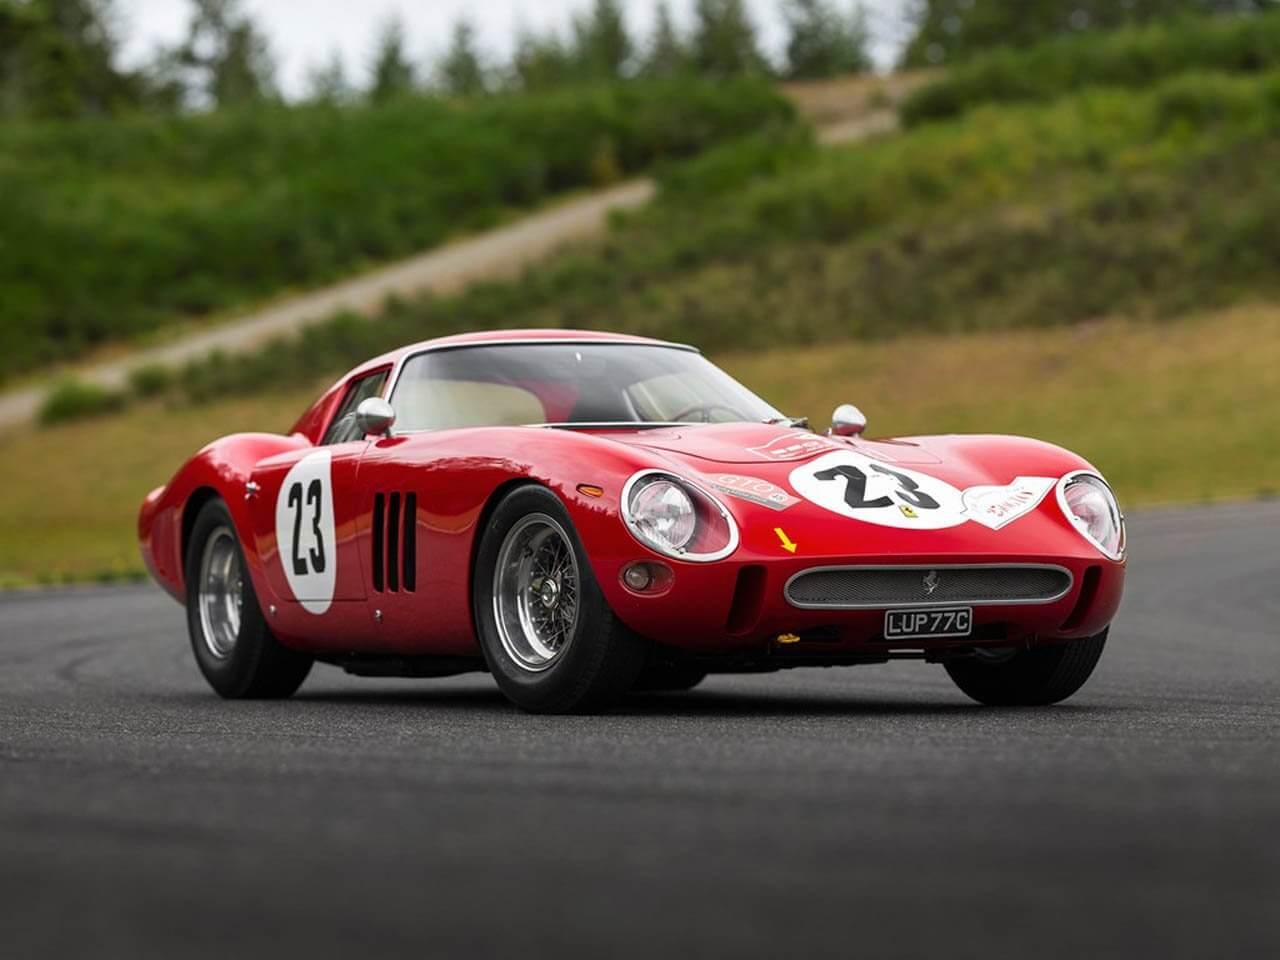 Ferrari 250 GTO 1962 Sells For Record $48.4 Million